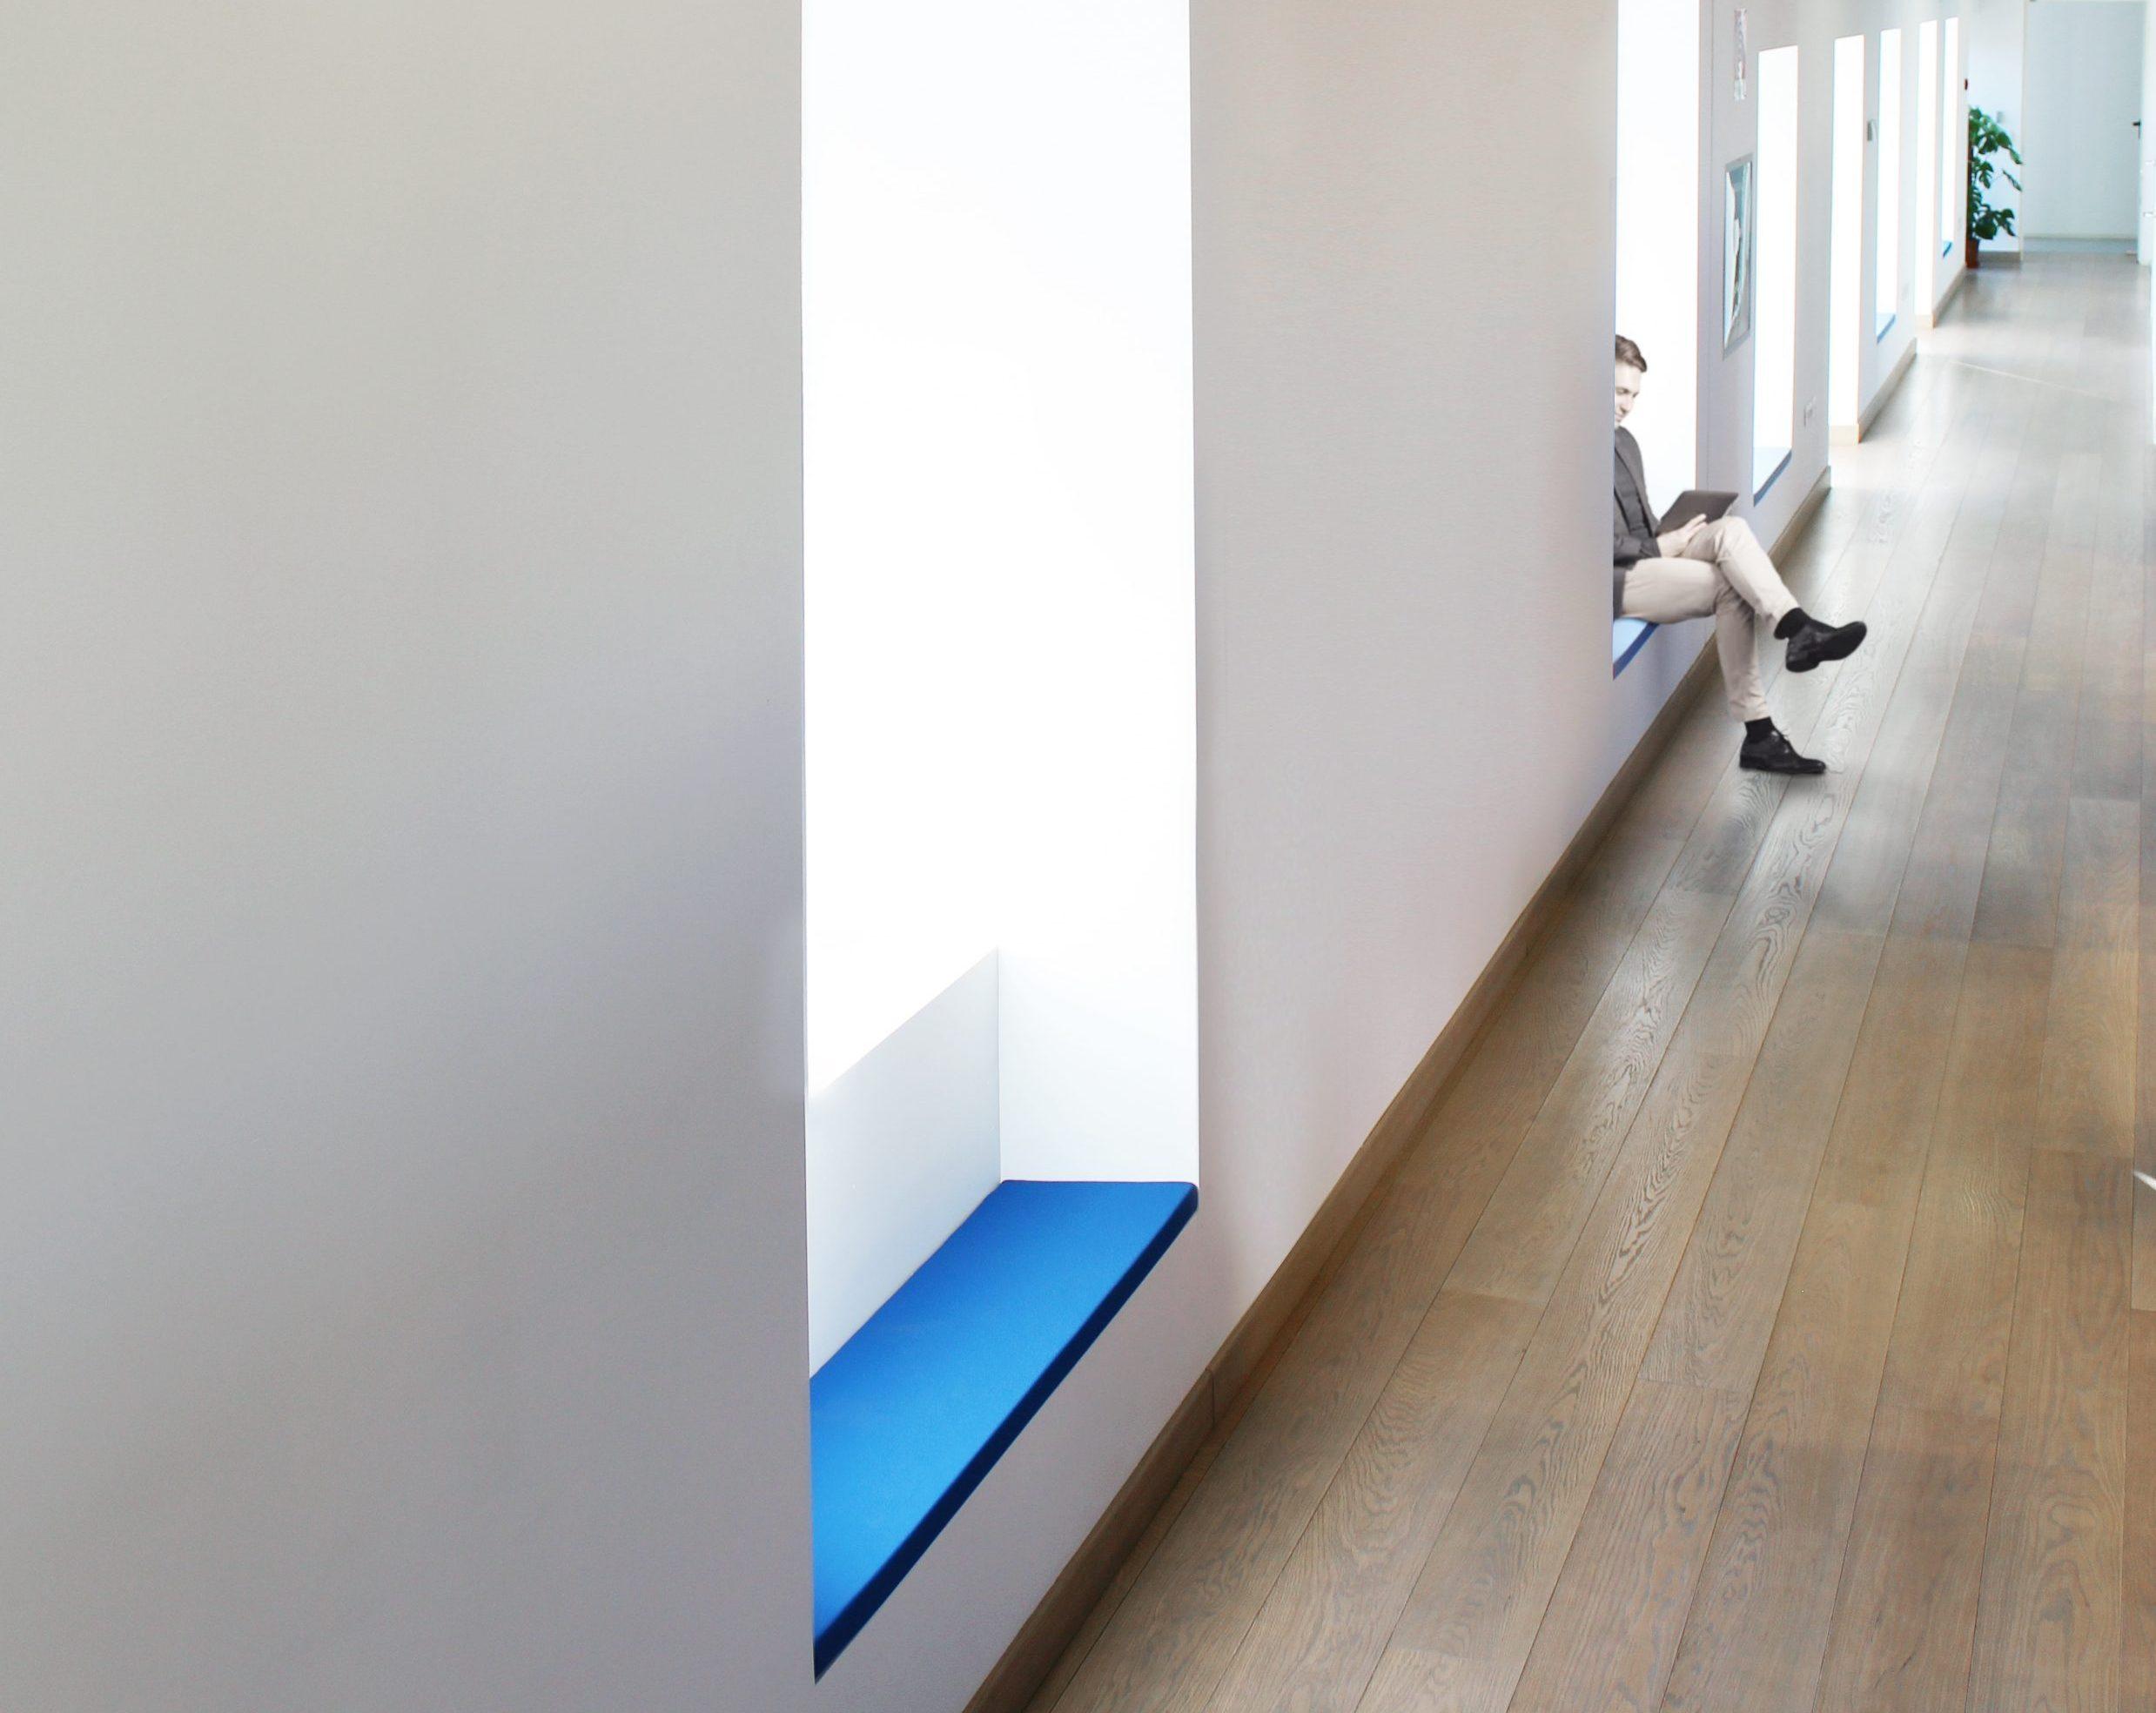 Cushion van slalom bevestigd als zetel tegen een muur